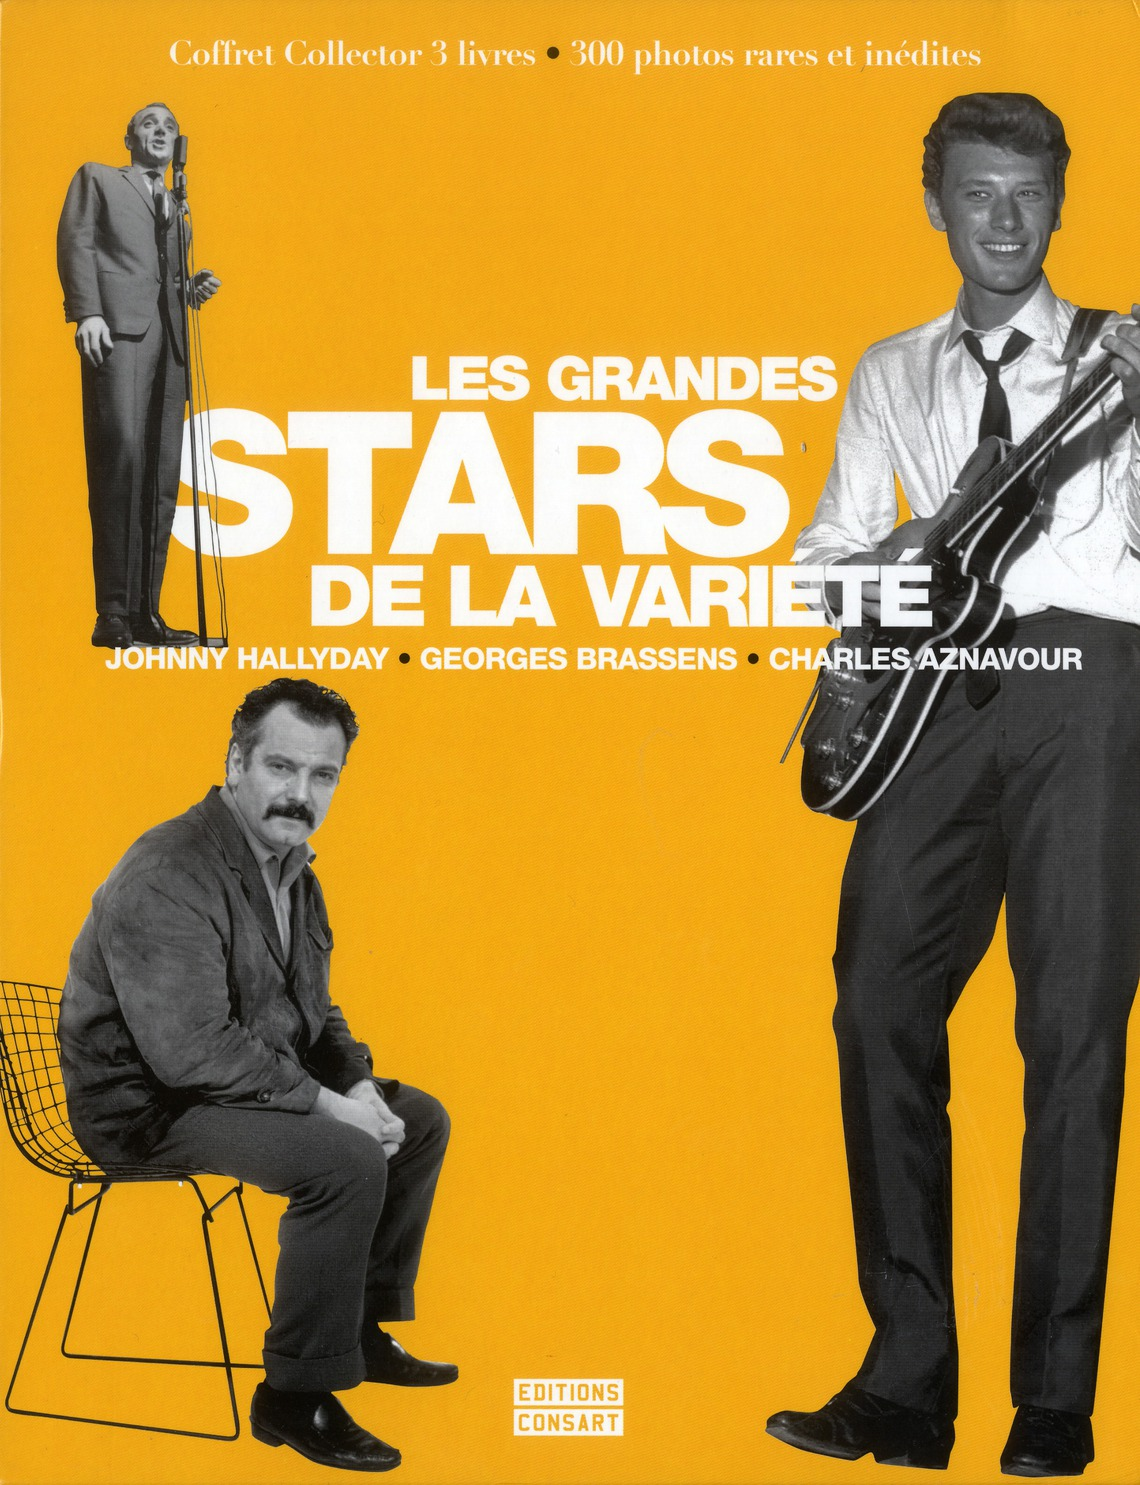 Les grandes stars de la variété ; Johnny Hallyday, Claude François, Charles Aznavour